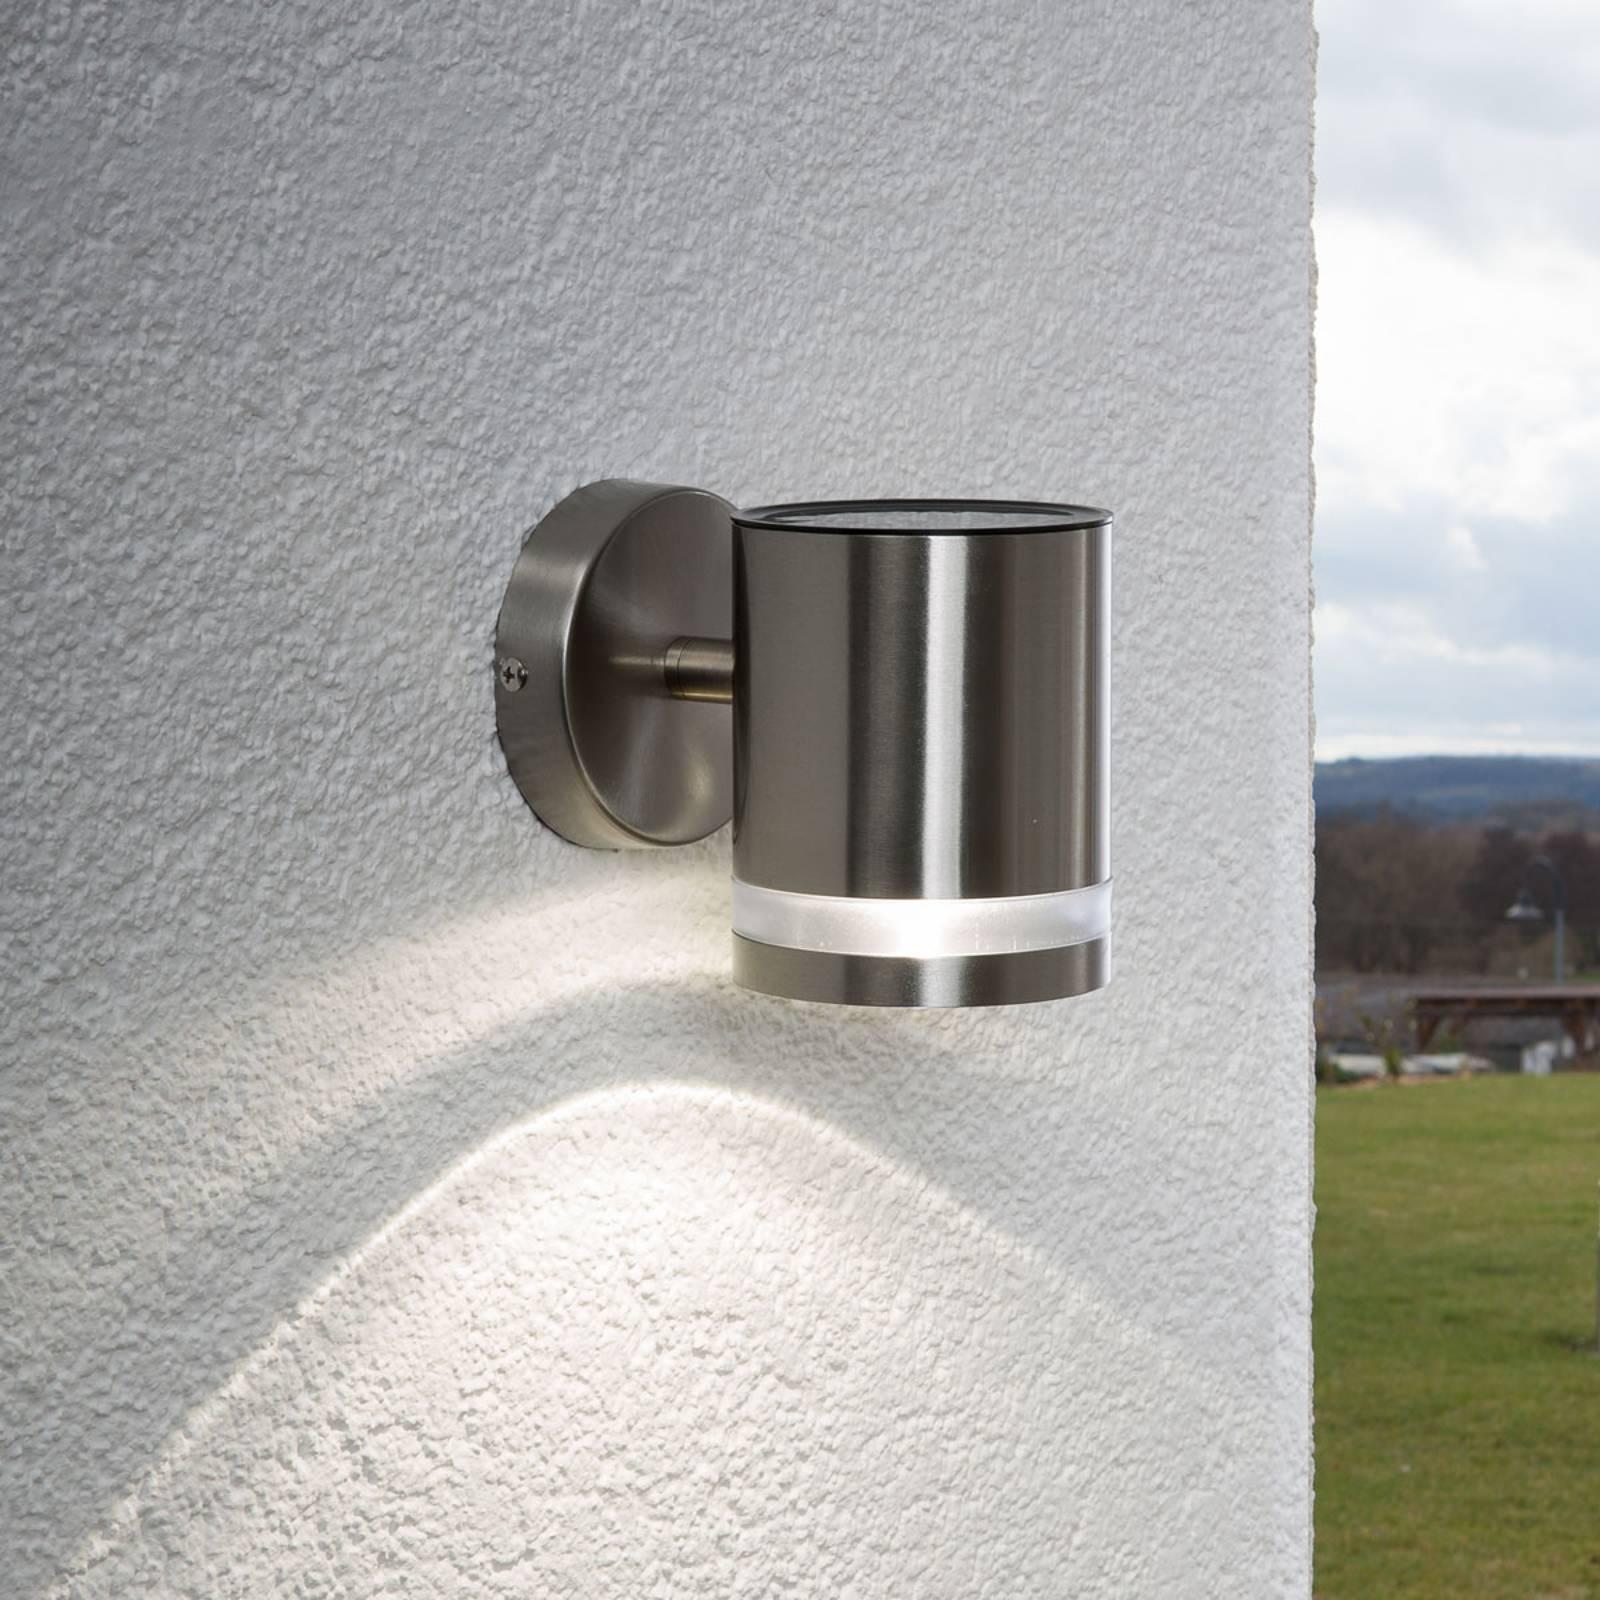 Solar-seinävalaisin Salma LEDi-lampulla